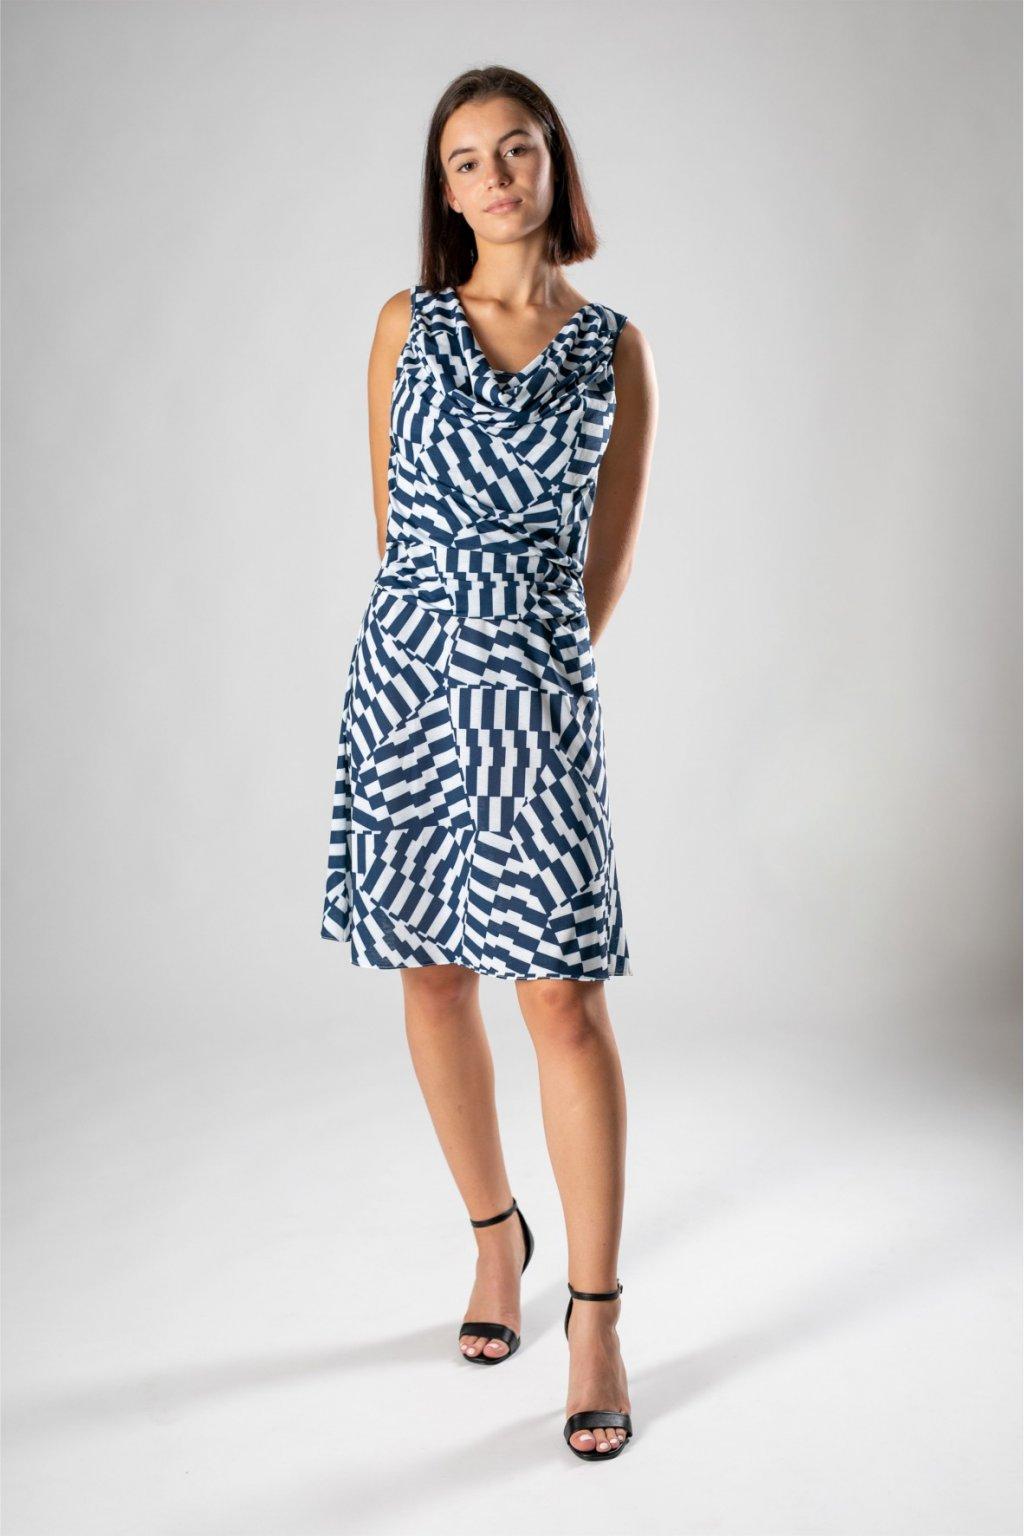 modro biele šaty